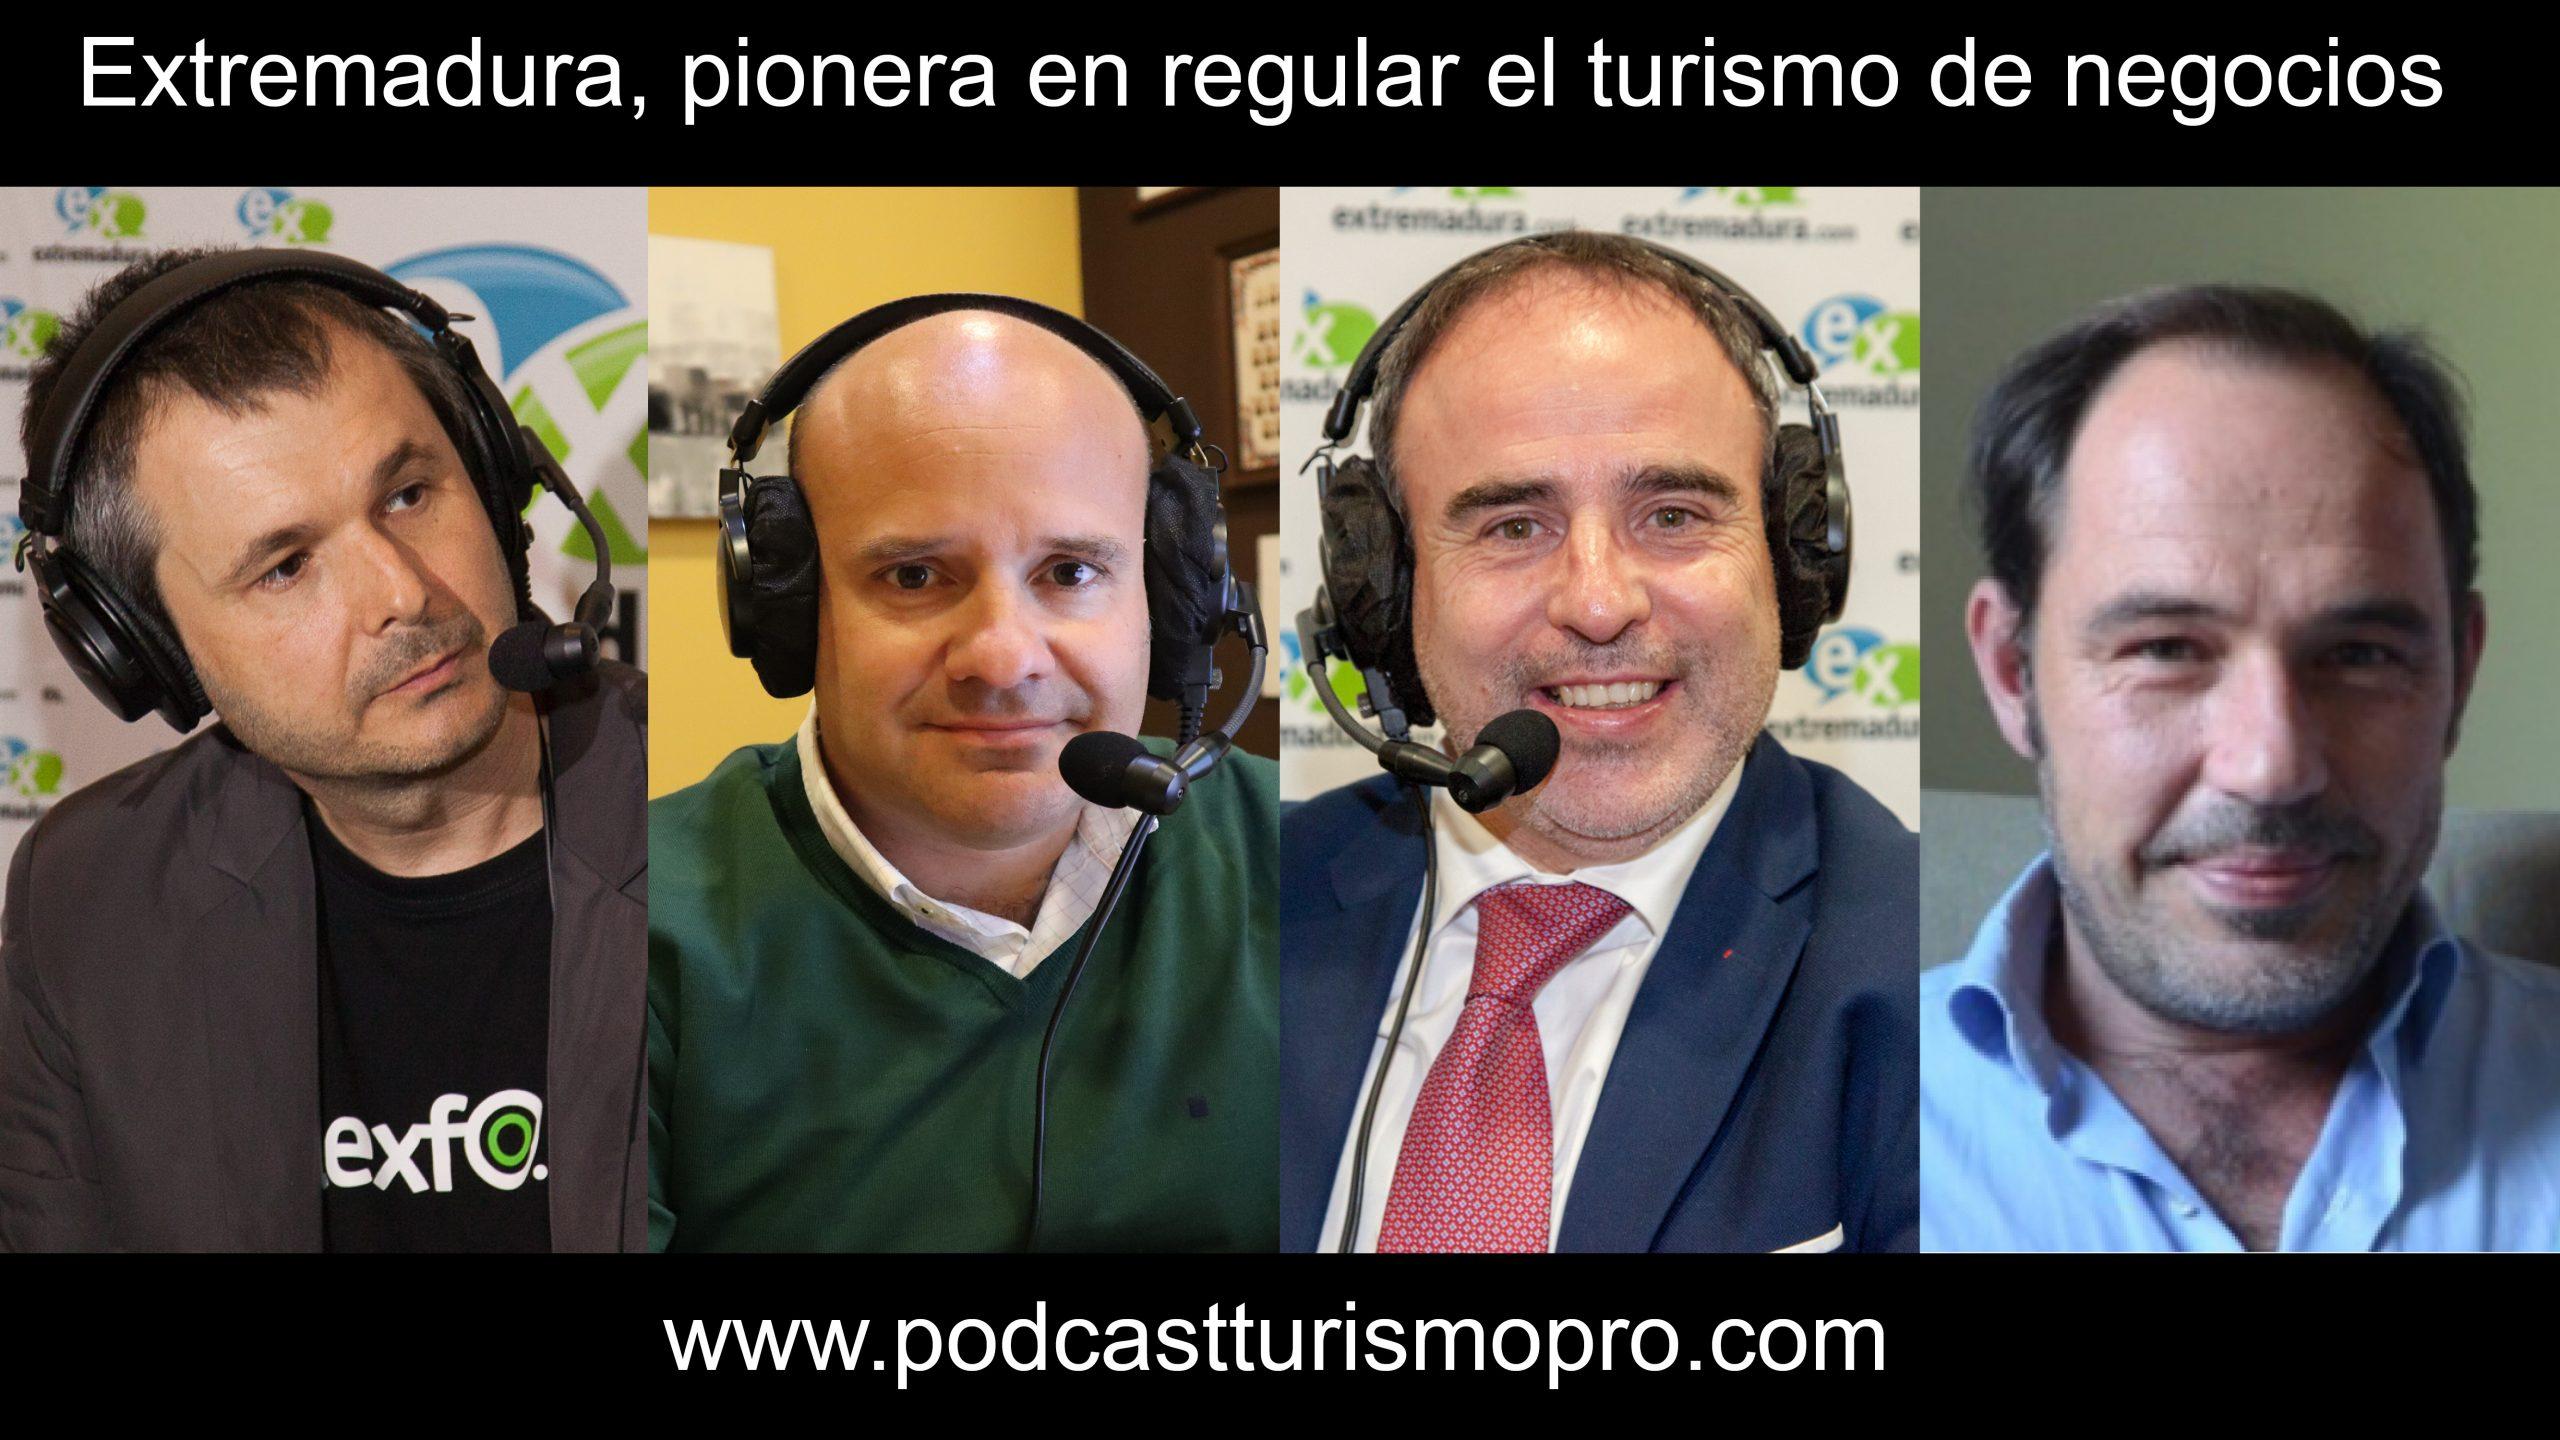 Podcast turismo de negocios Extremadura